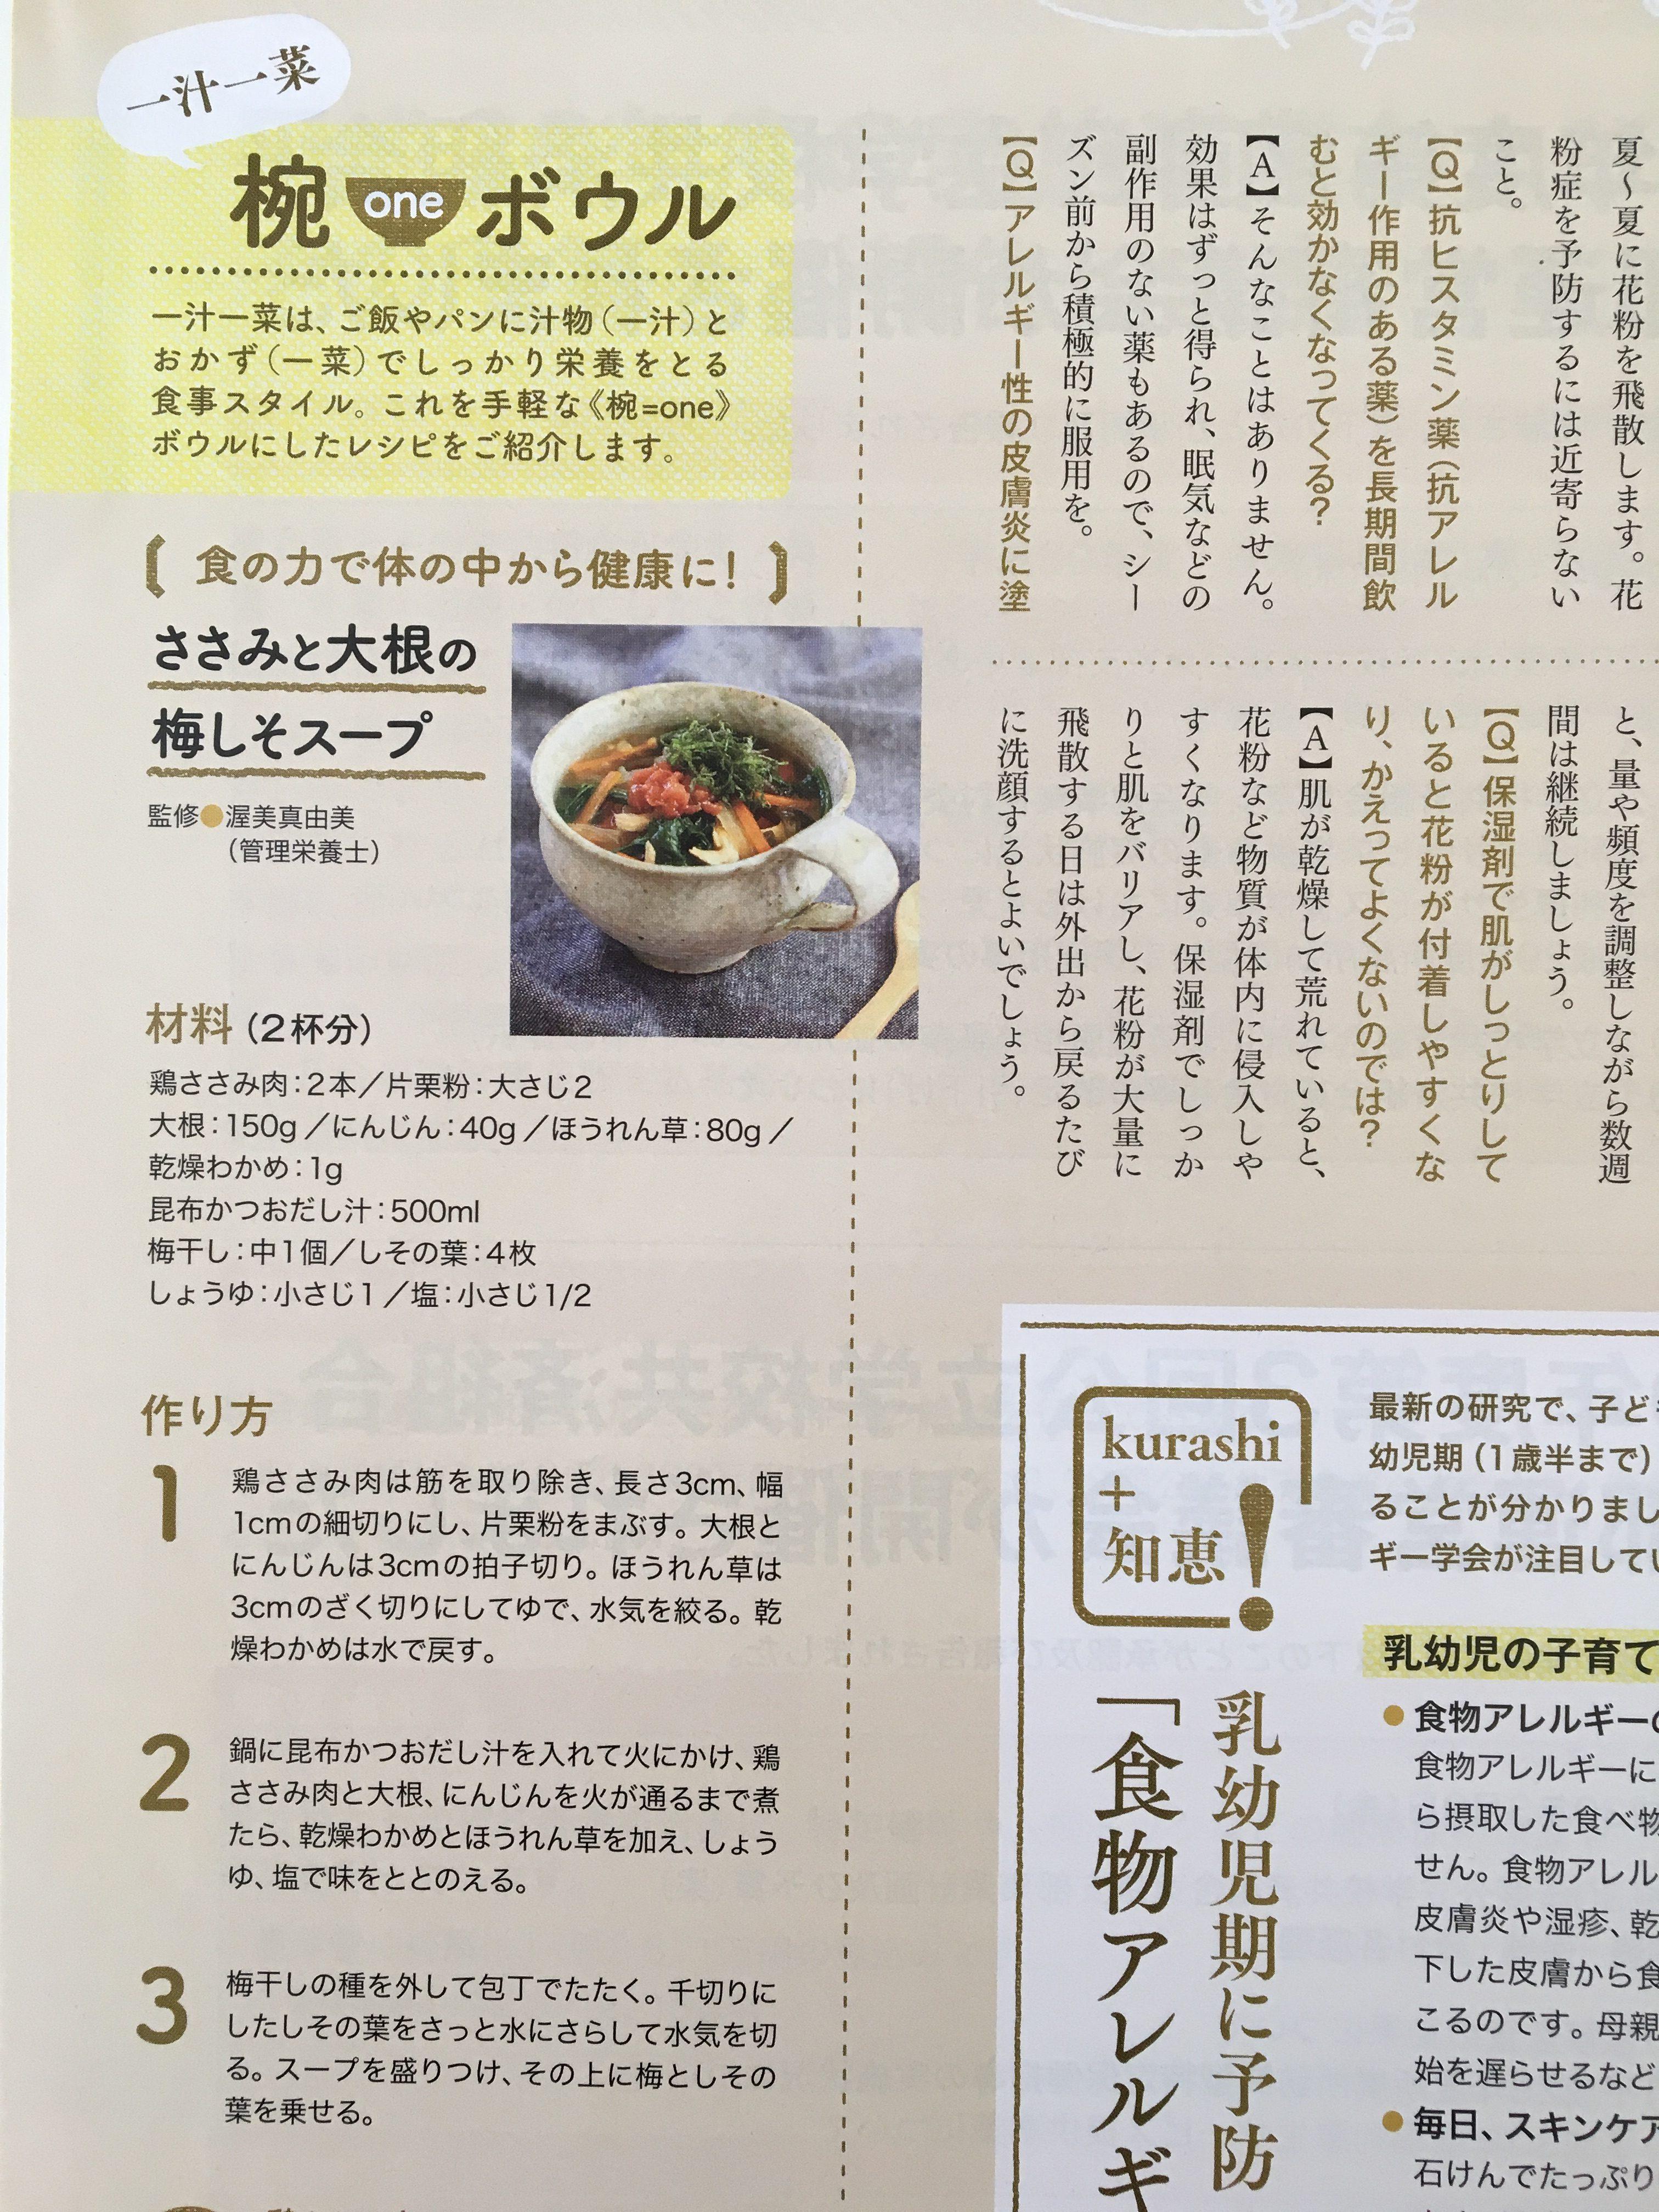 【掲載】一汁一菜椀ボウル;ささみと大根の梅しそスープ&入学